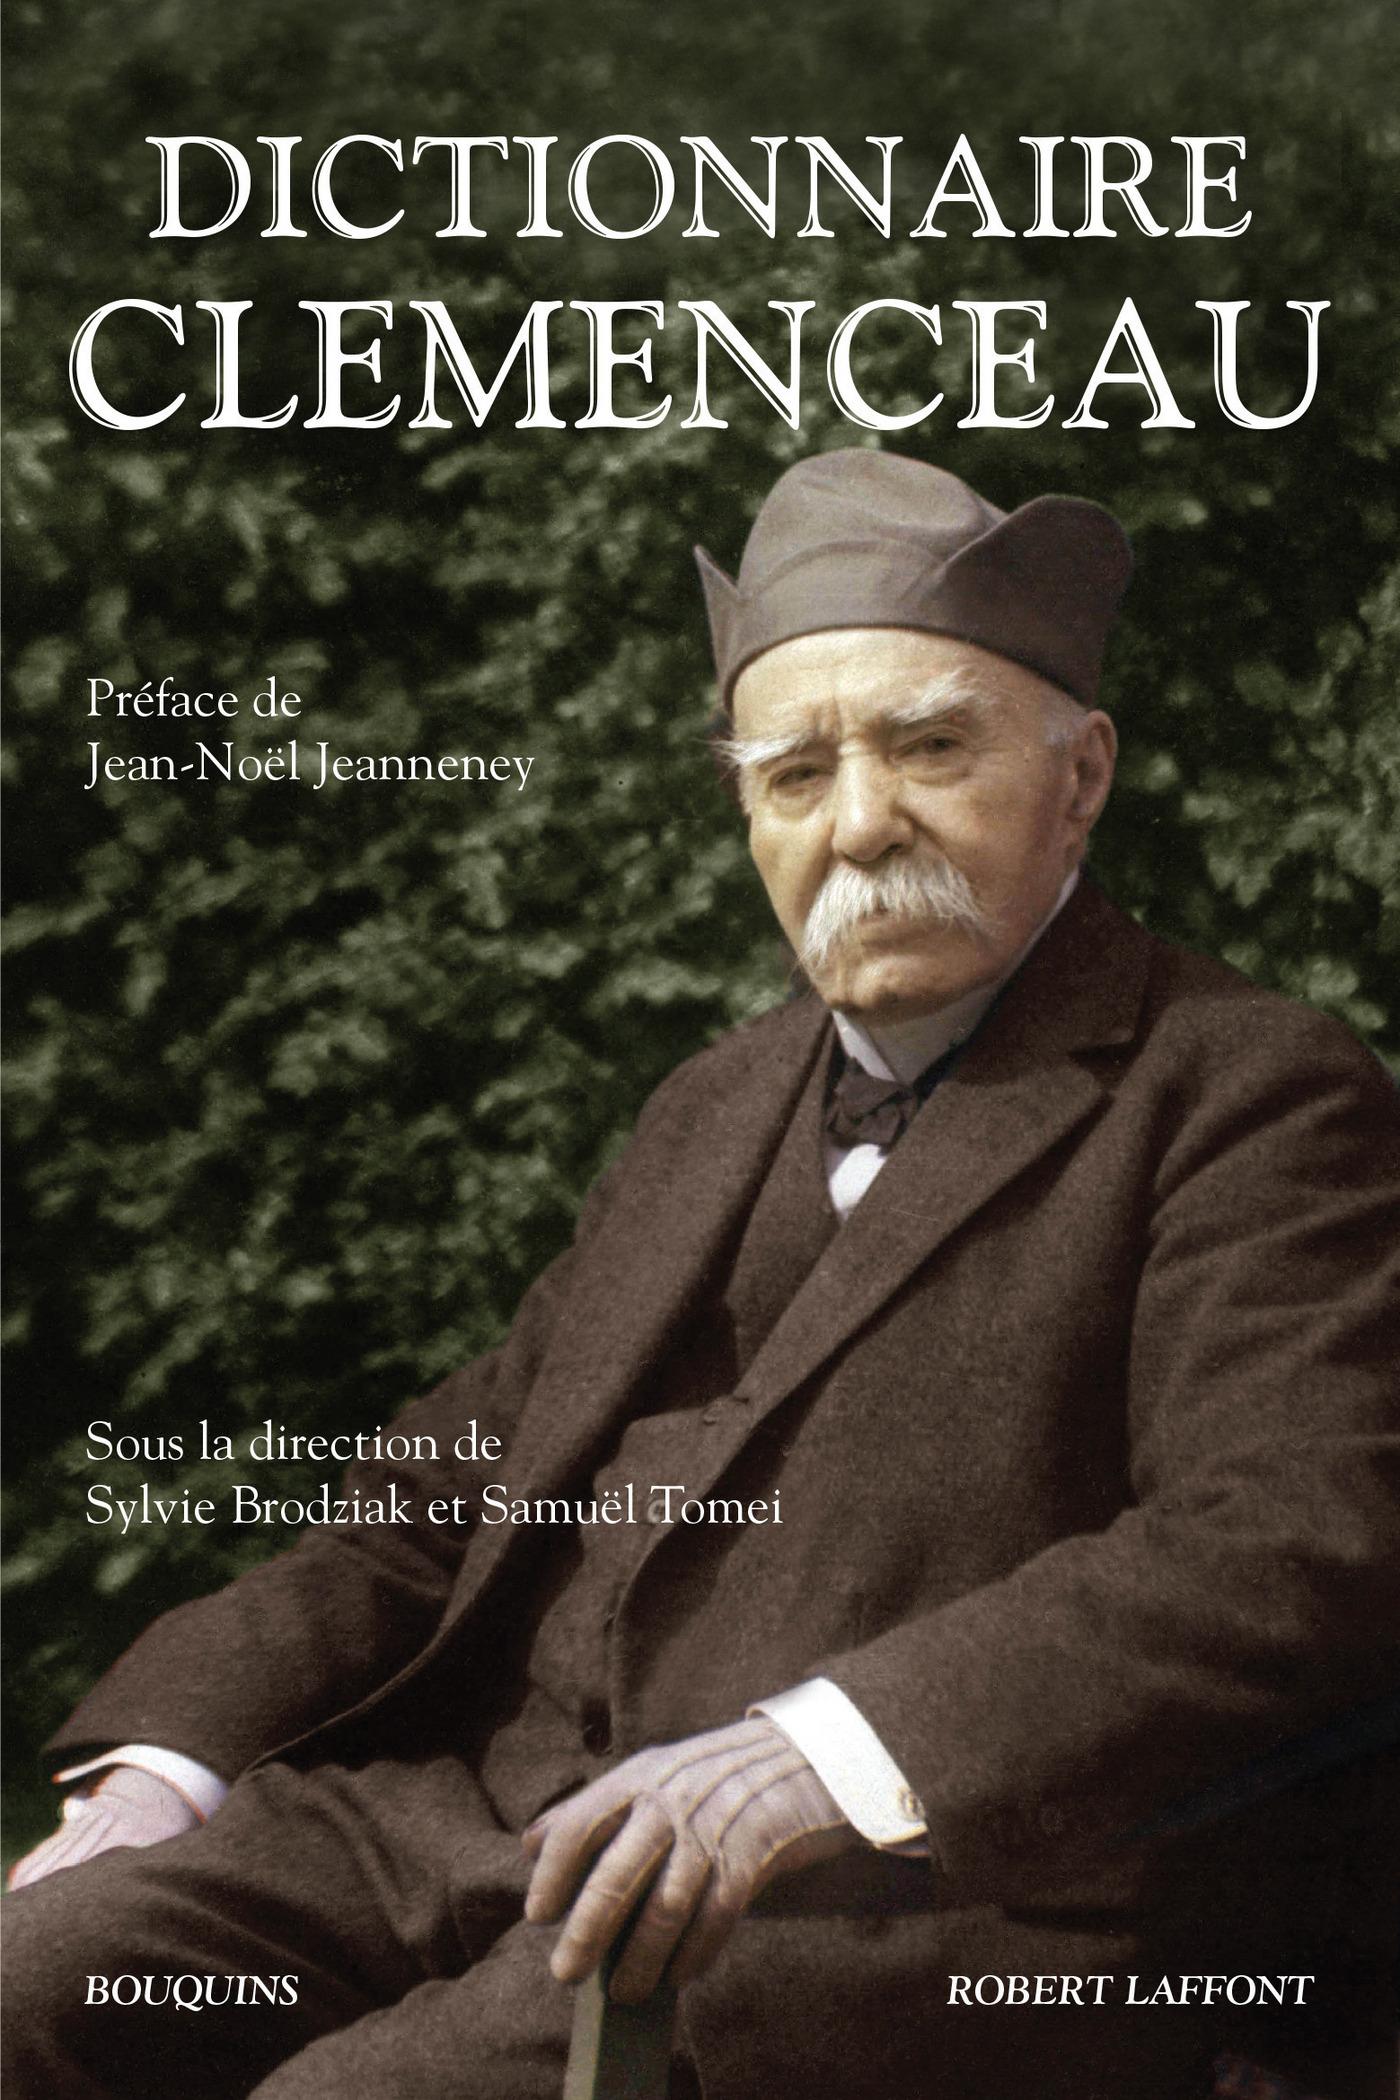 Dictionnaire Clemenceau